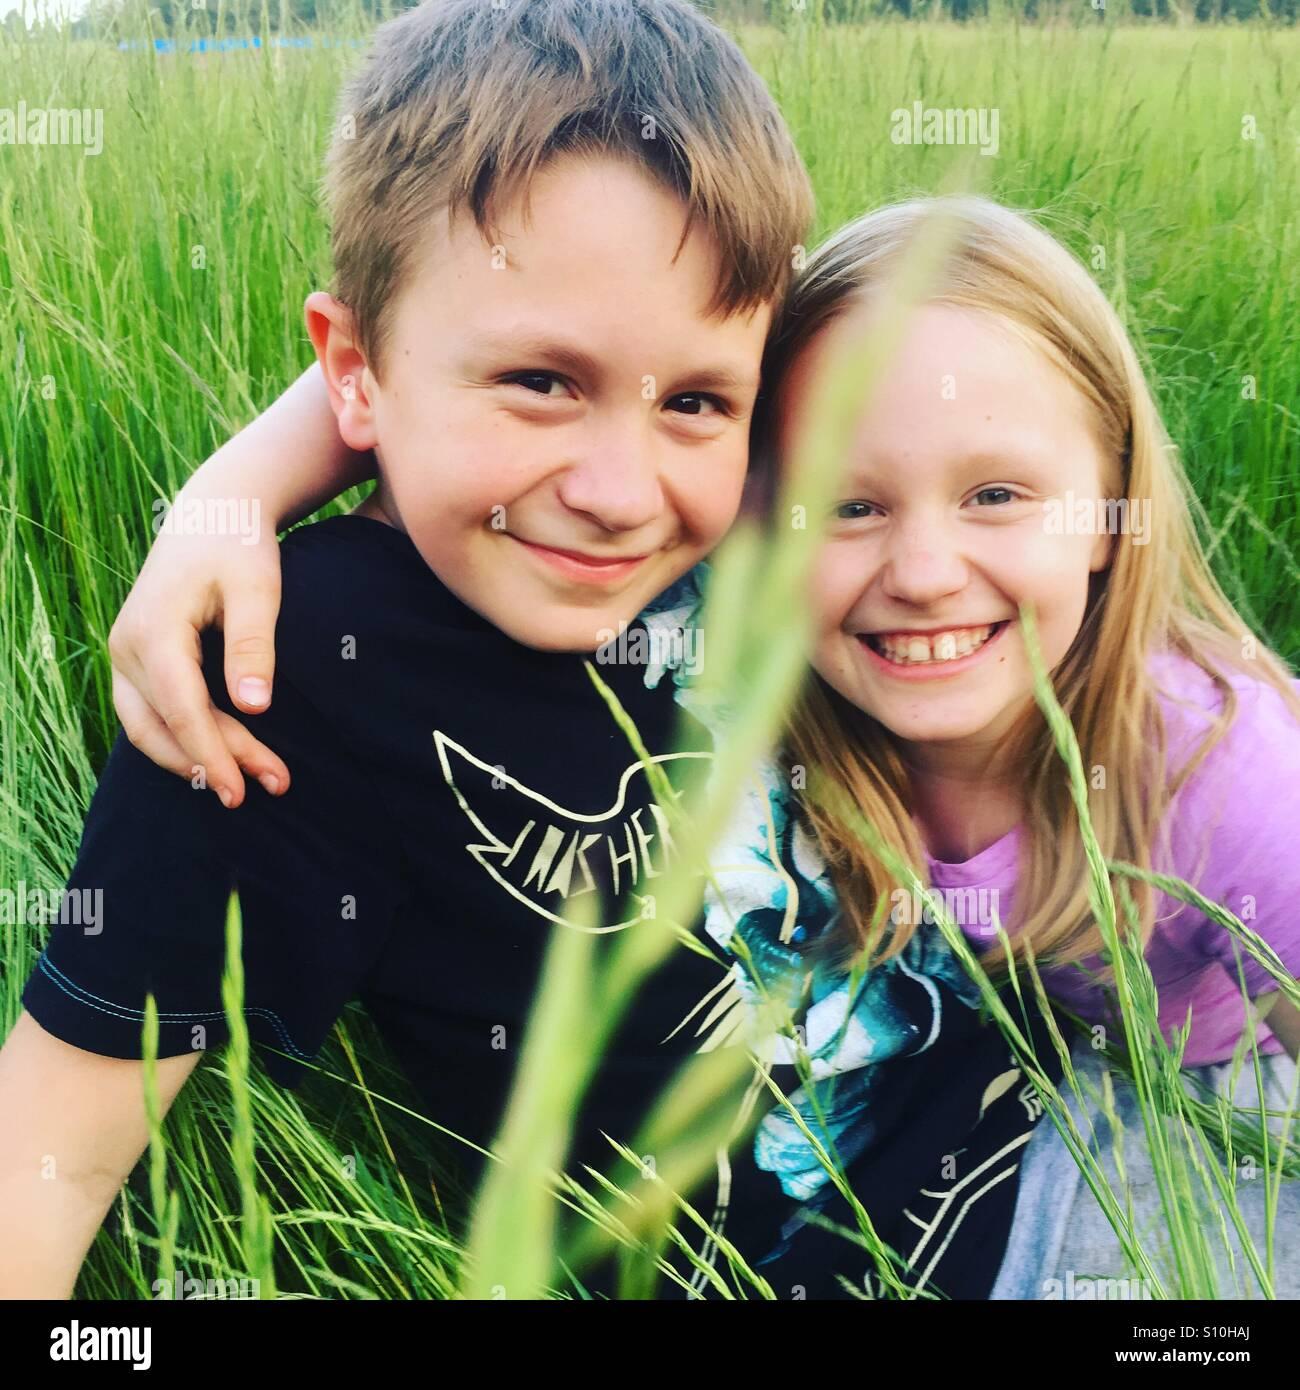 Frères et sœurs heureux hugging chaque autres et souriant, assis dehors dans un grand espace vert sur une amende, Photo Stock